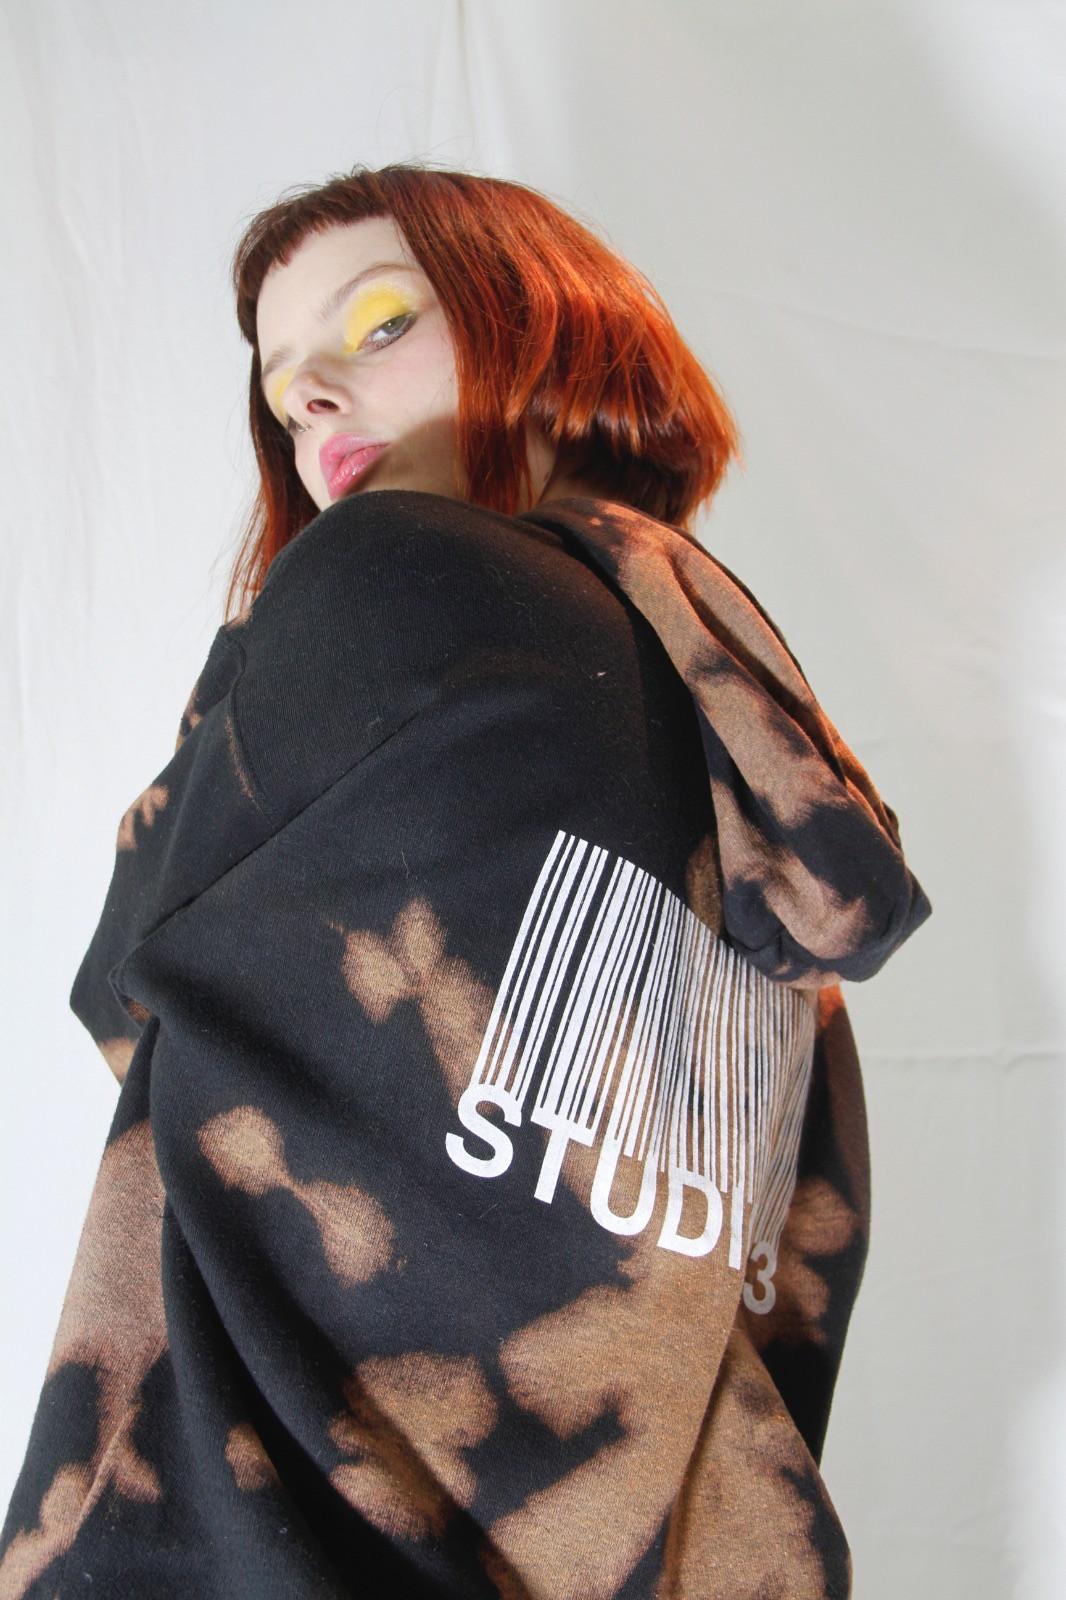 Studio 183 x Kaltblut Magazine